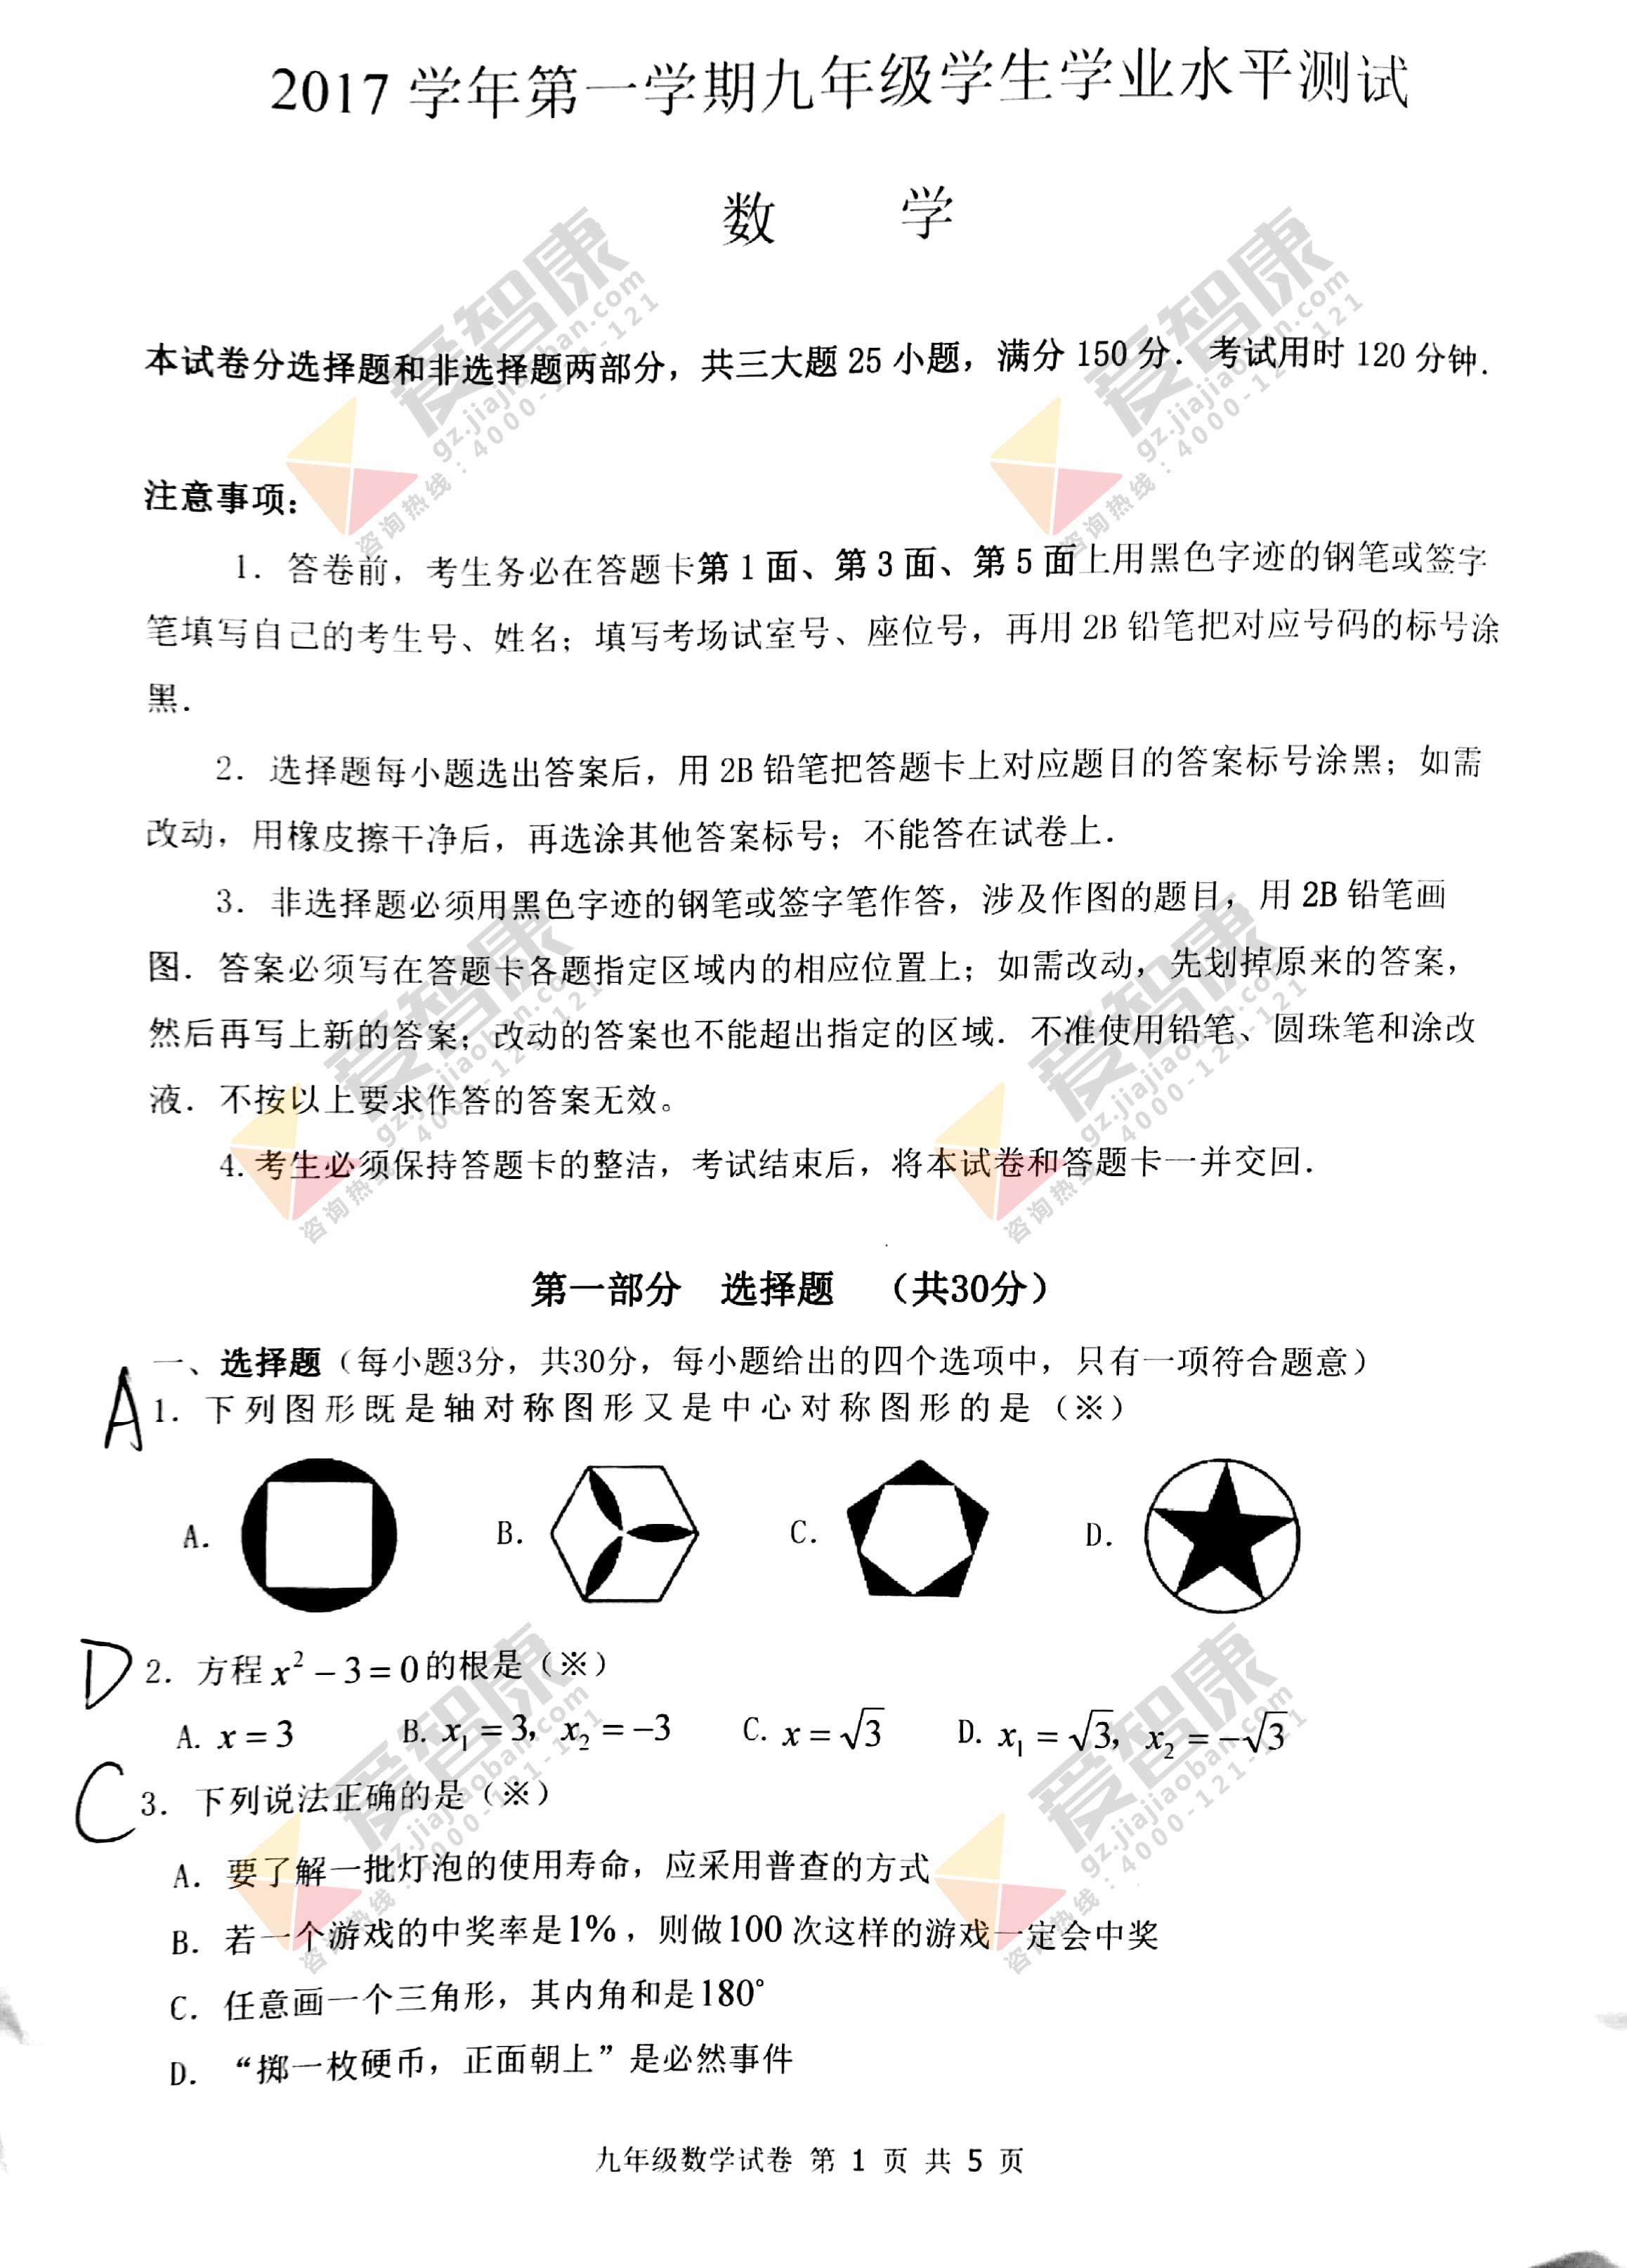 2017-2018学年广州南沙区初三上学期期末数学试卷及答案解析